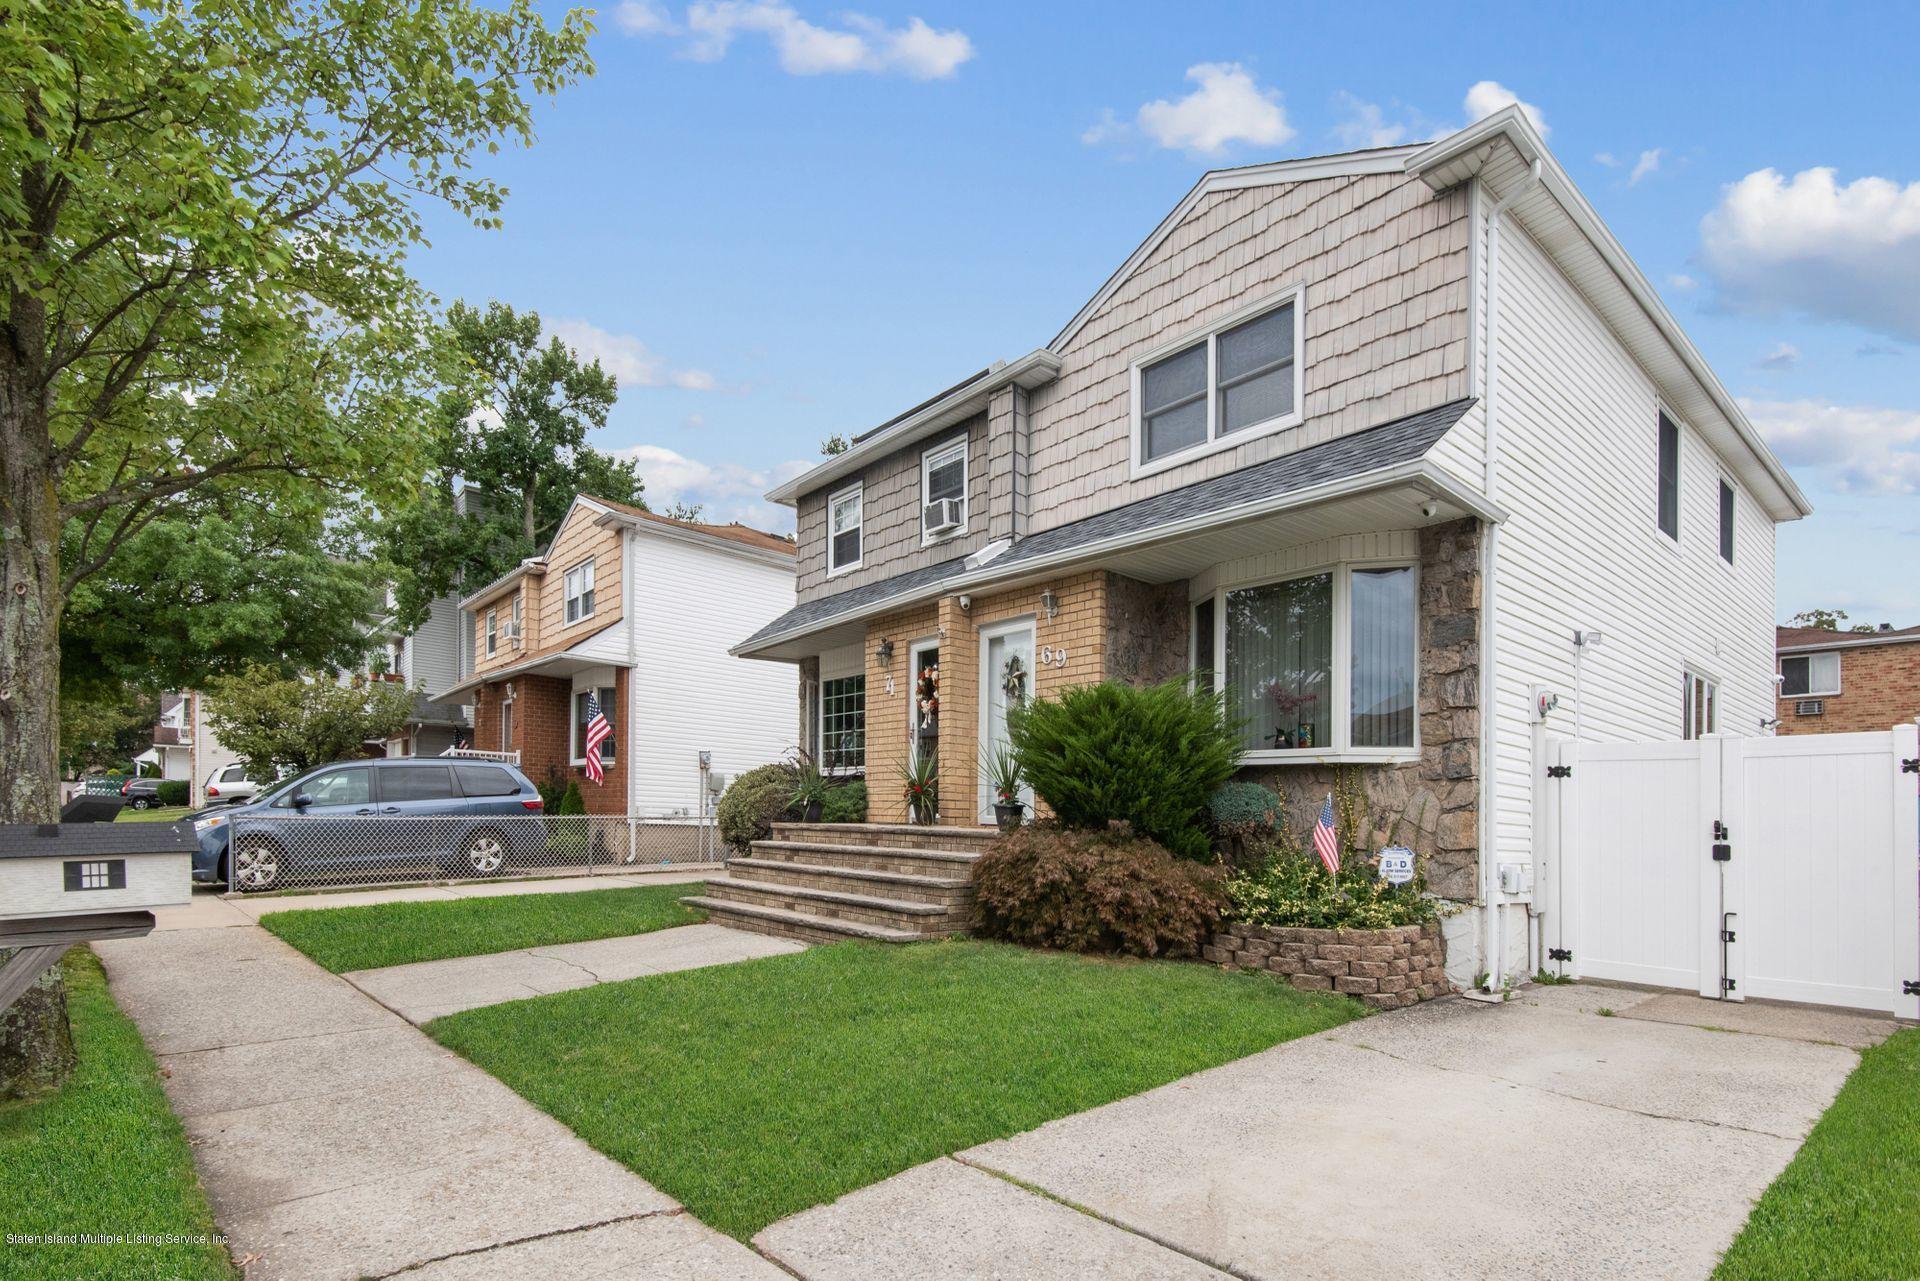 Single Family - Semi-Attached 69 Moffett Street  Staten Island, NY 10312, MLS-1131934-13